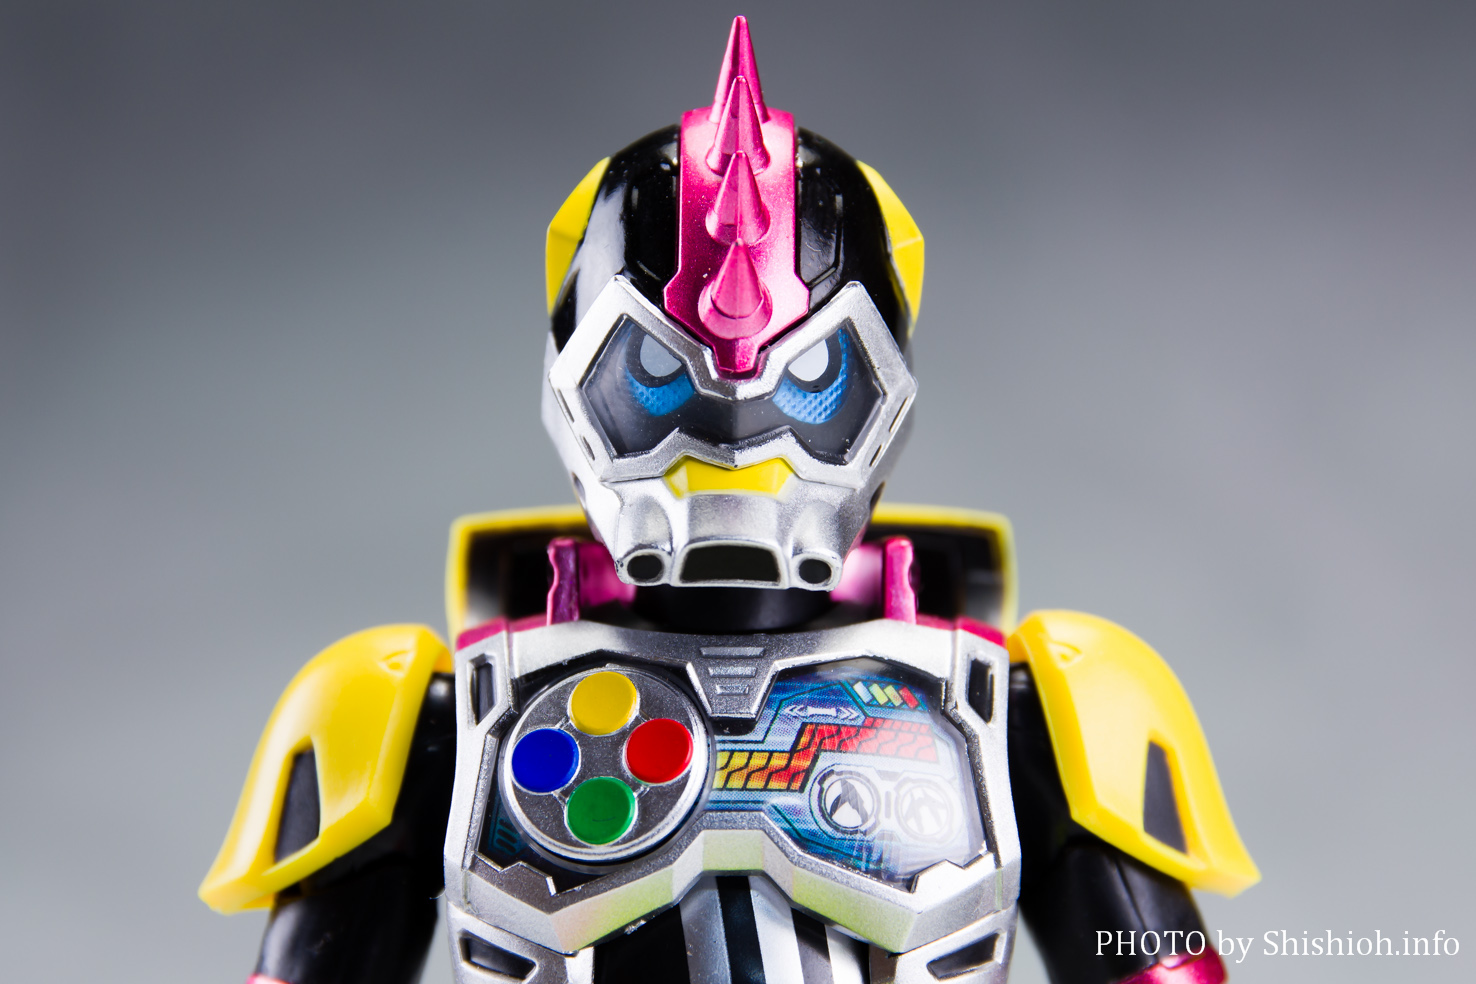 S.H.Figuarts 仮面ライダーレーザーターボ バイクゲーマー レベル0